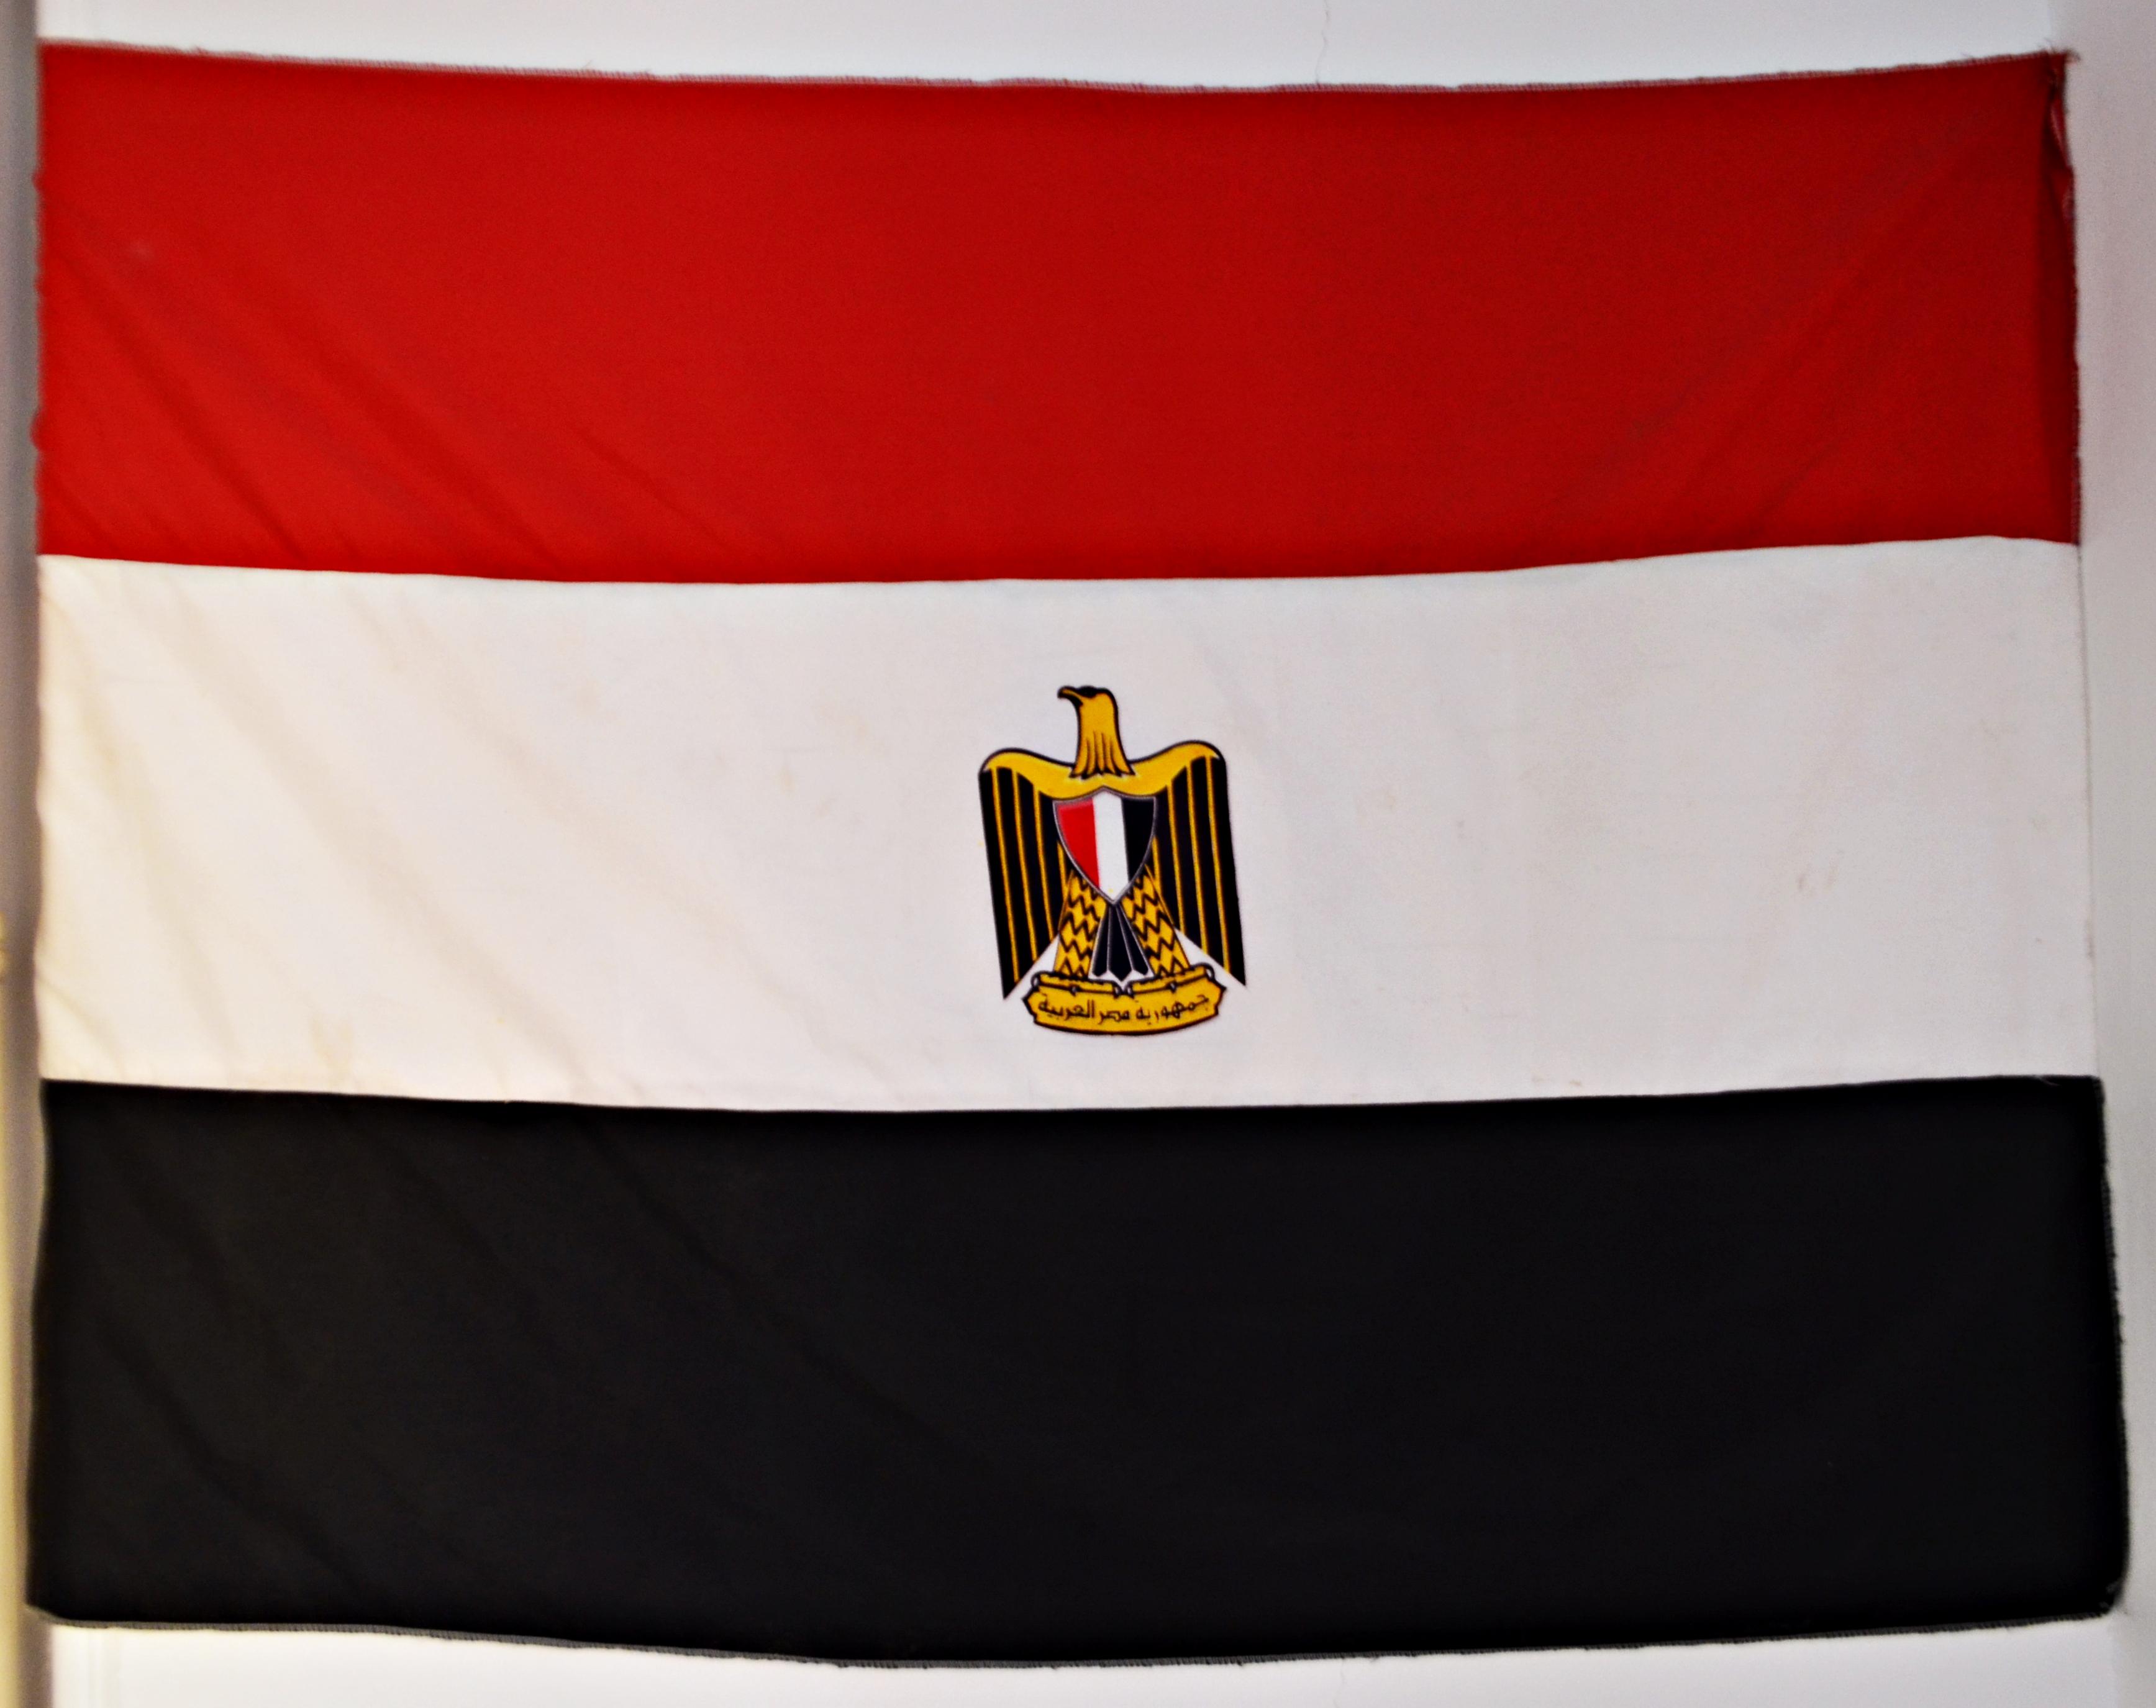 صور تصميمات علم مصر (1)